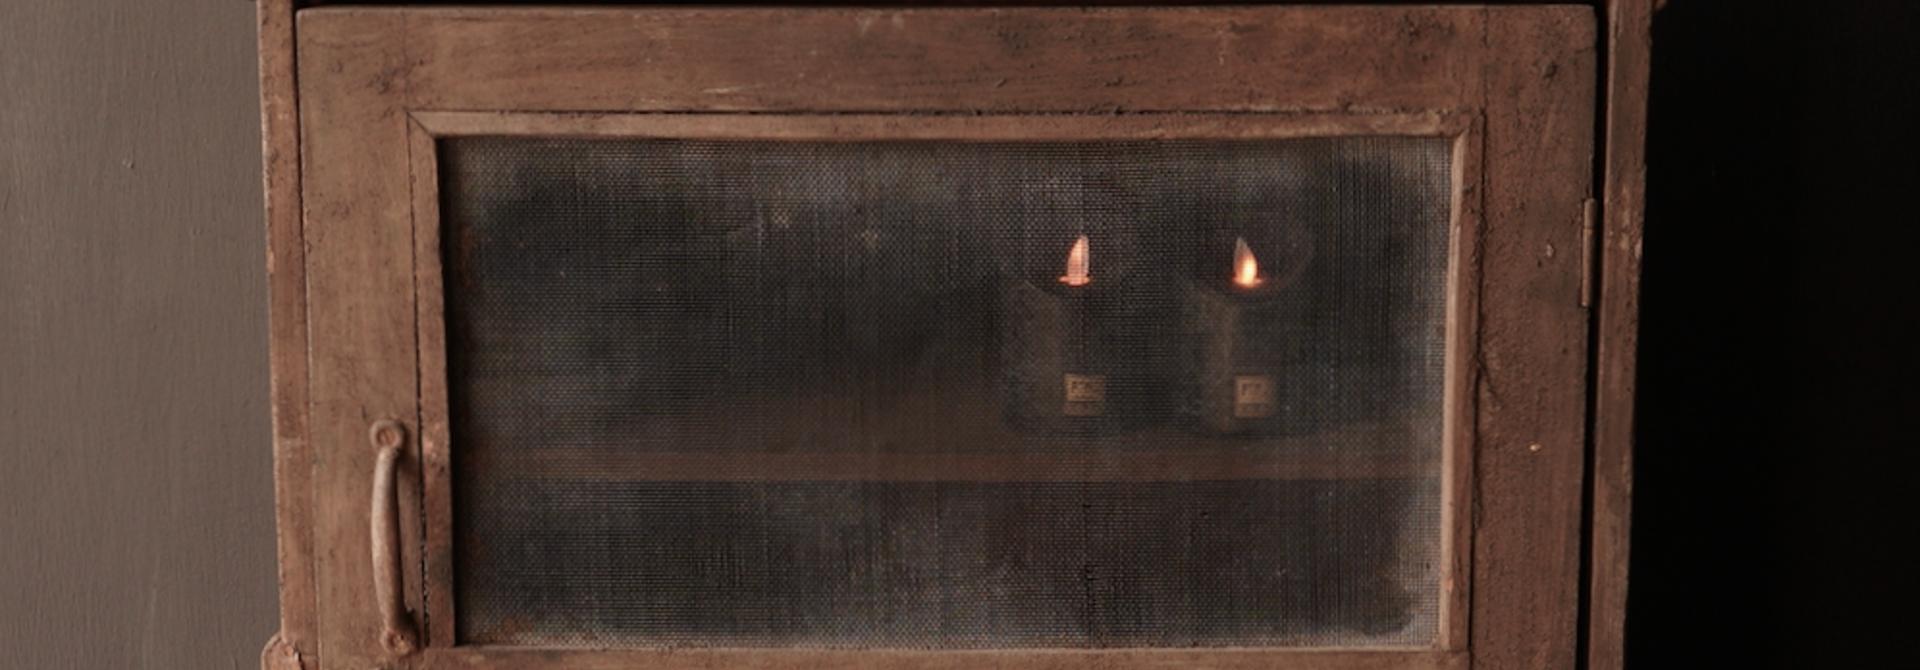 Uniek Oud Indisch kastje  met twee gaas deurtjes